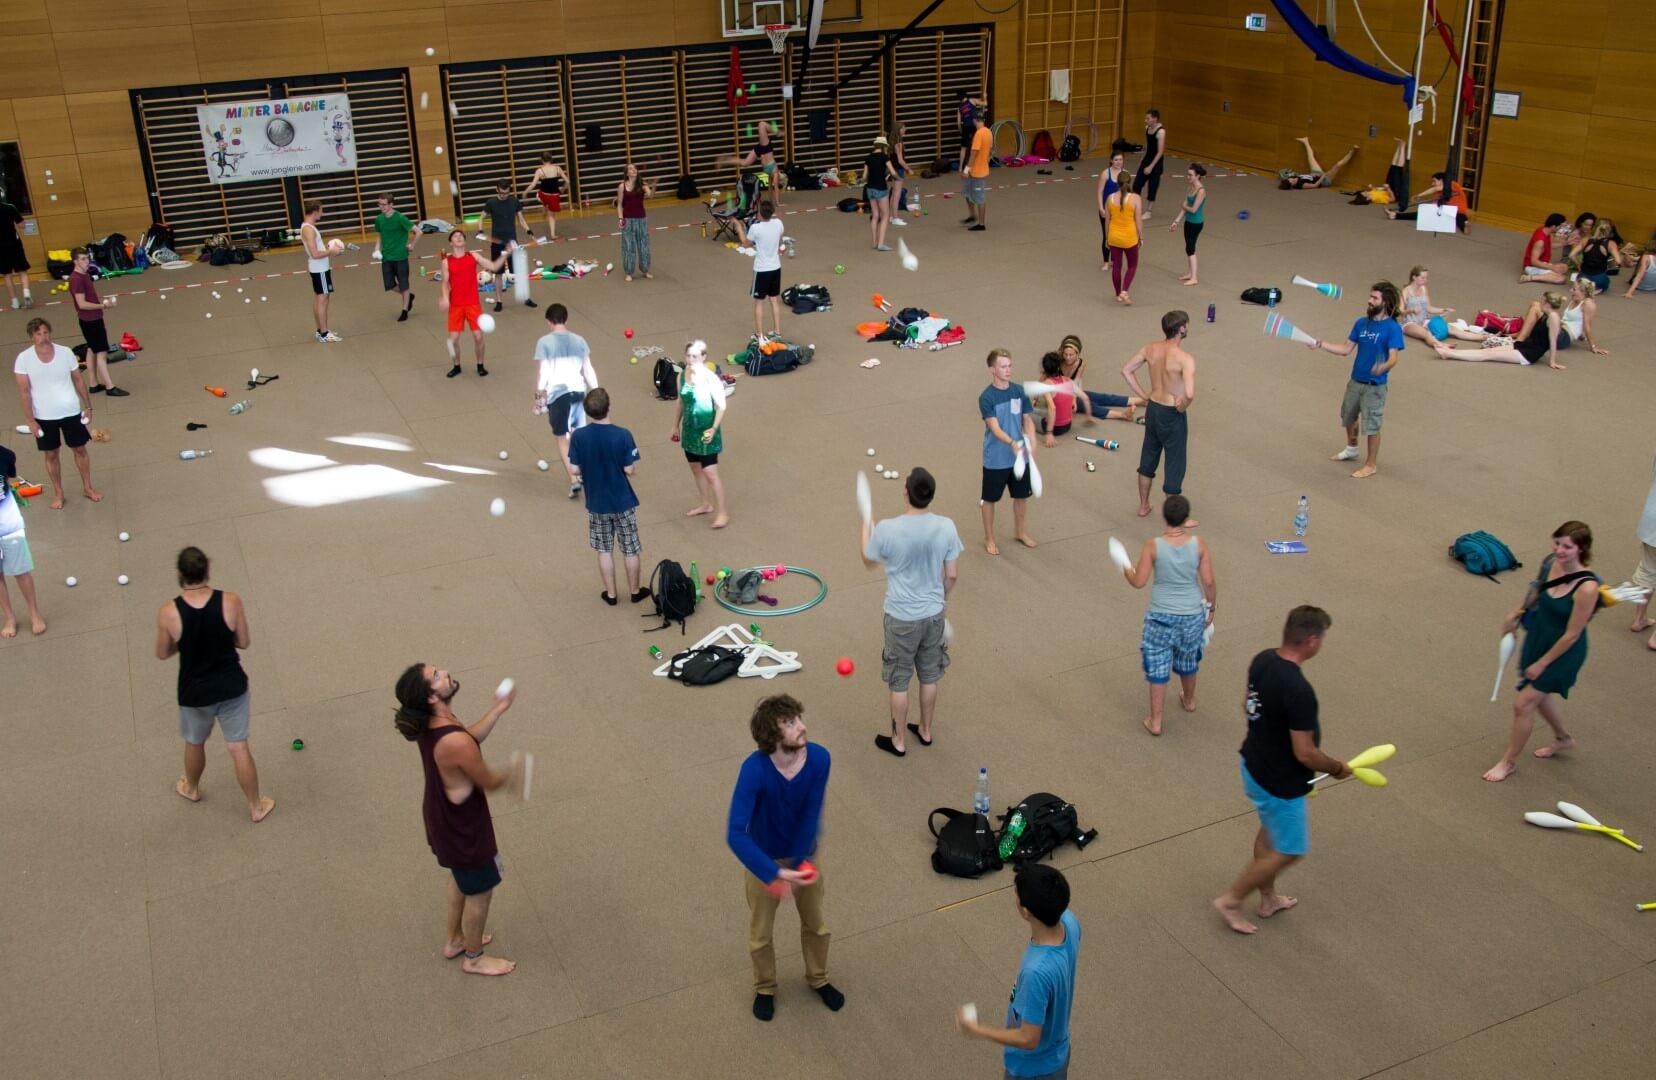 jongleringsträning, konvent